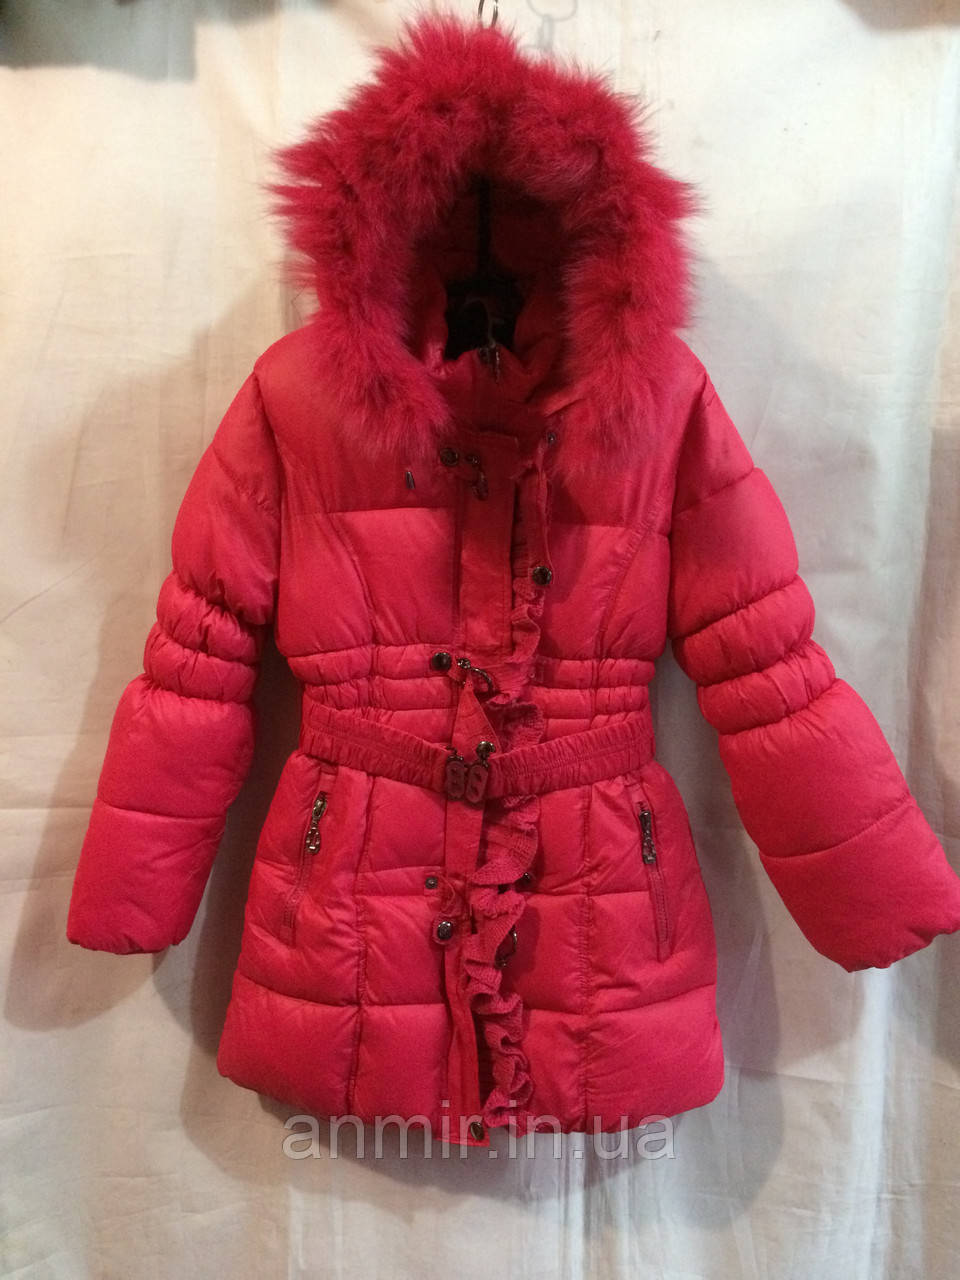 Полупальто зимнее для девочки 4-8 лет,Розовое, фото 1